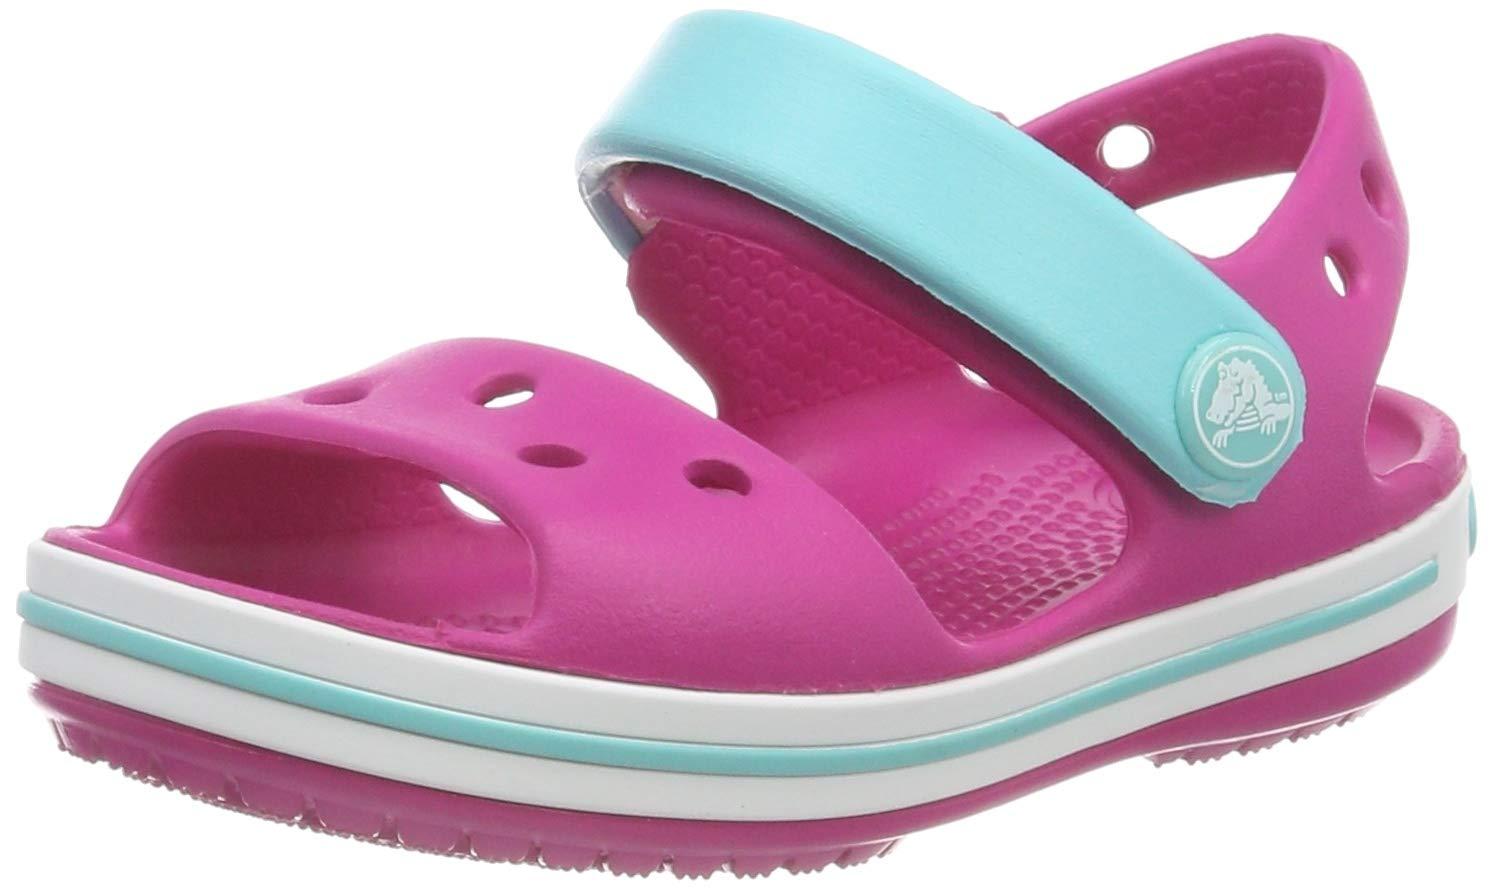 Para Niñas Útiles Opiniones De Mejor En Valorados Zapatos Pequeñasamp; A3Rj45L